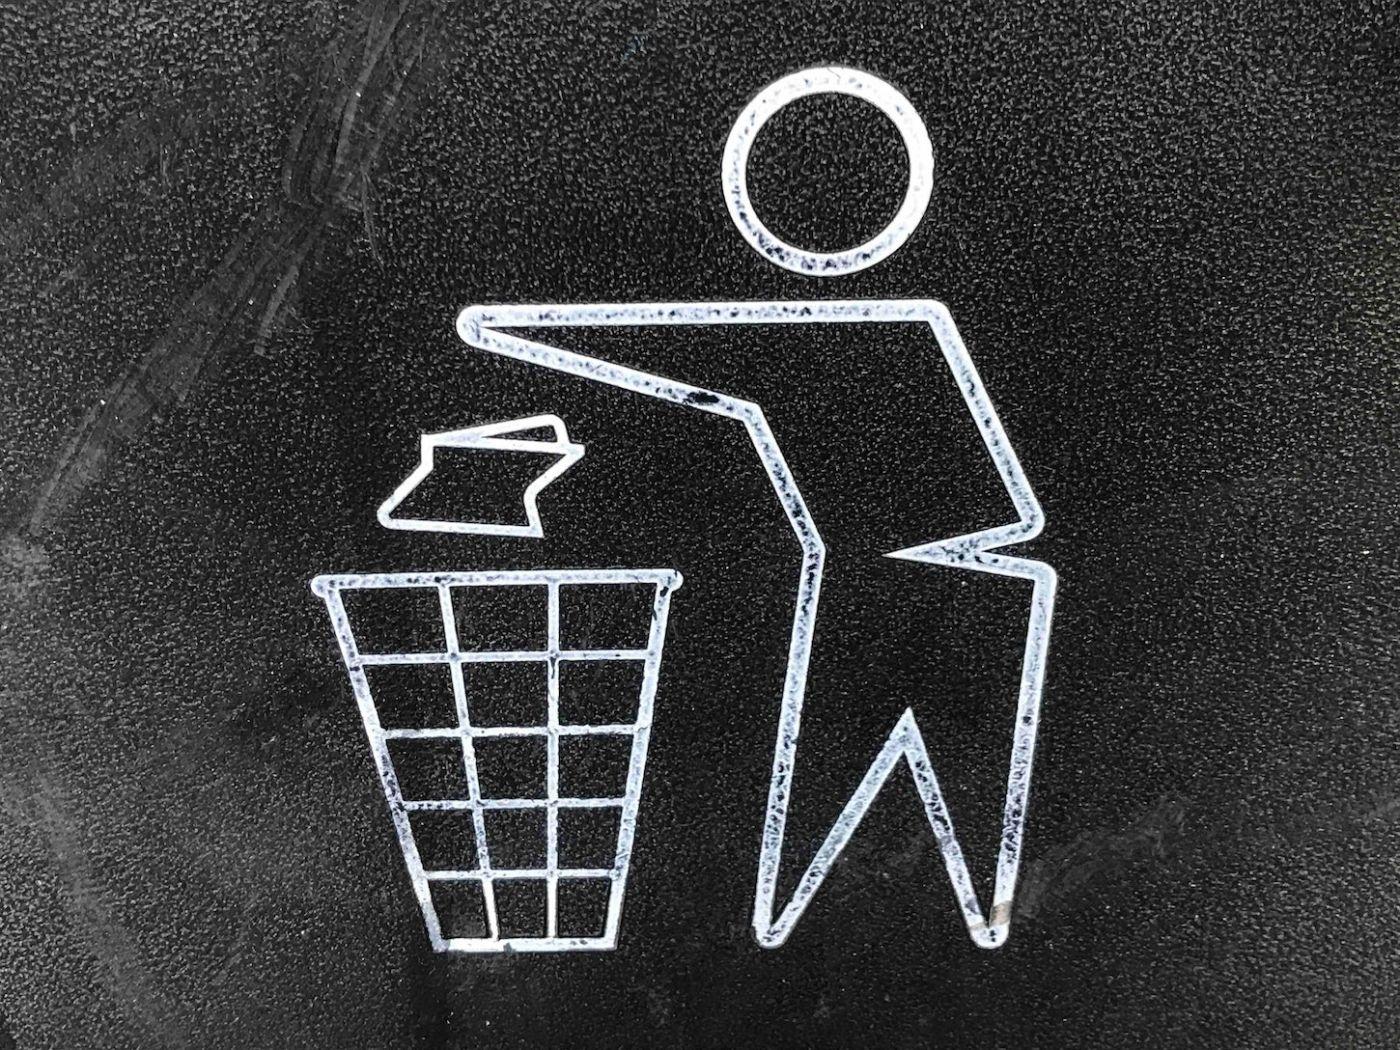 Verpackungsmüll, Recycling, nachhaltige Verpackung, umweltfreundliche Verpackungen